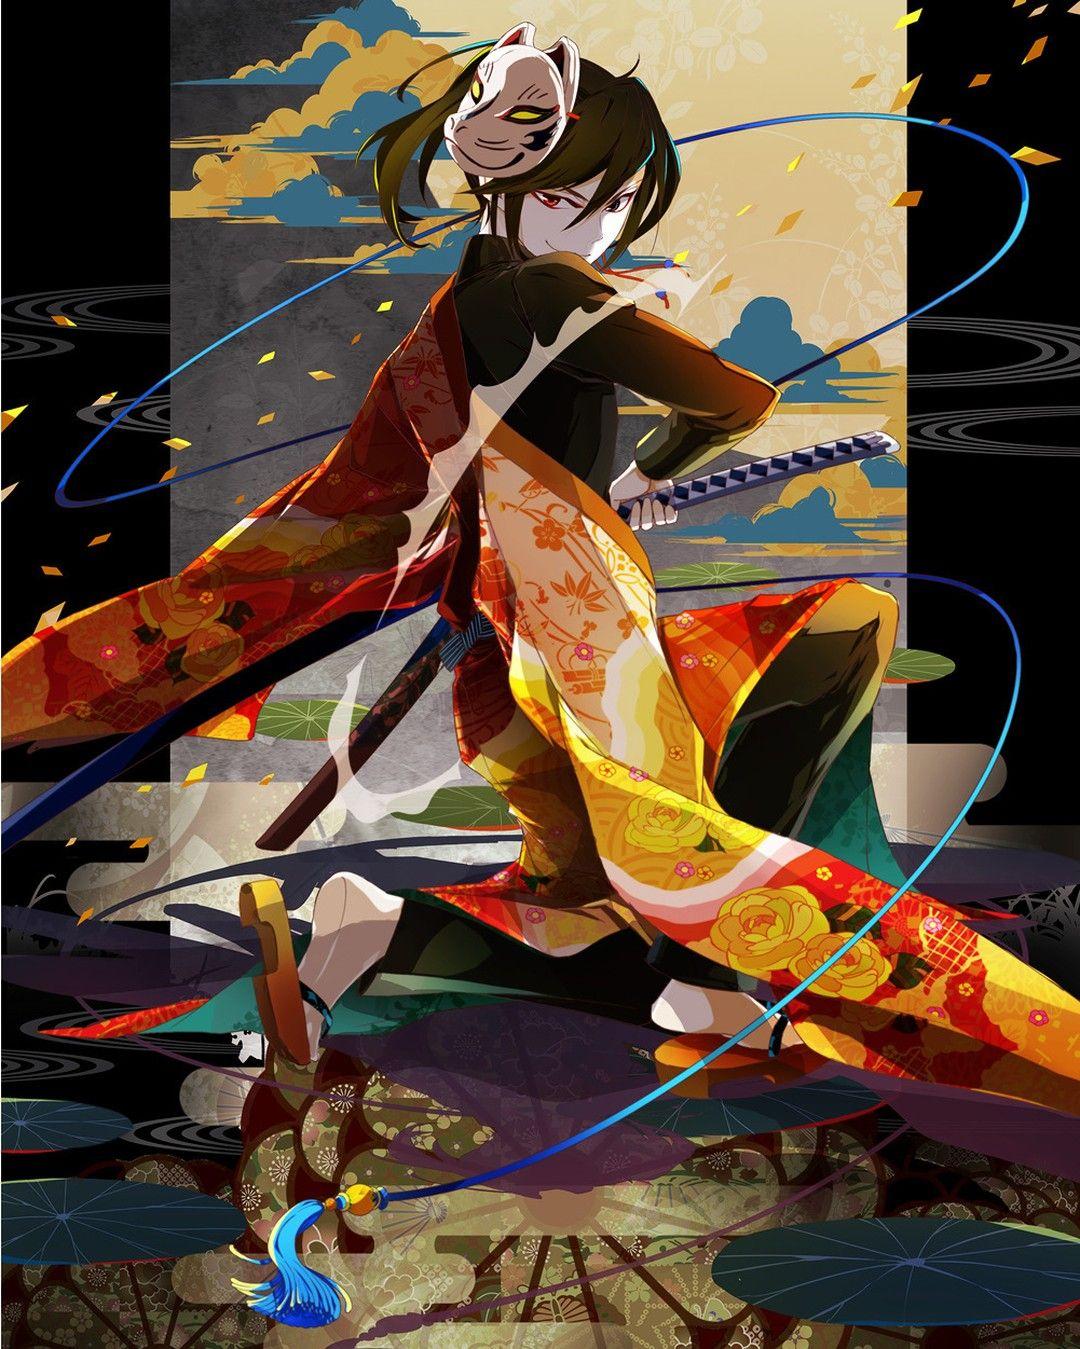 Tokyo Otaku Mode Anime Warrior Anime Anime Images